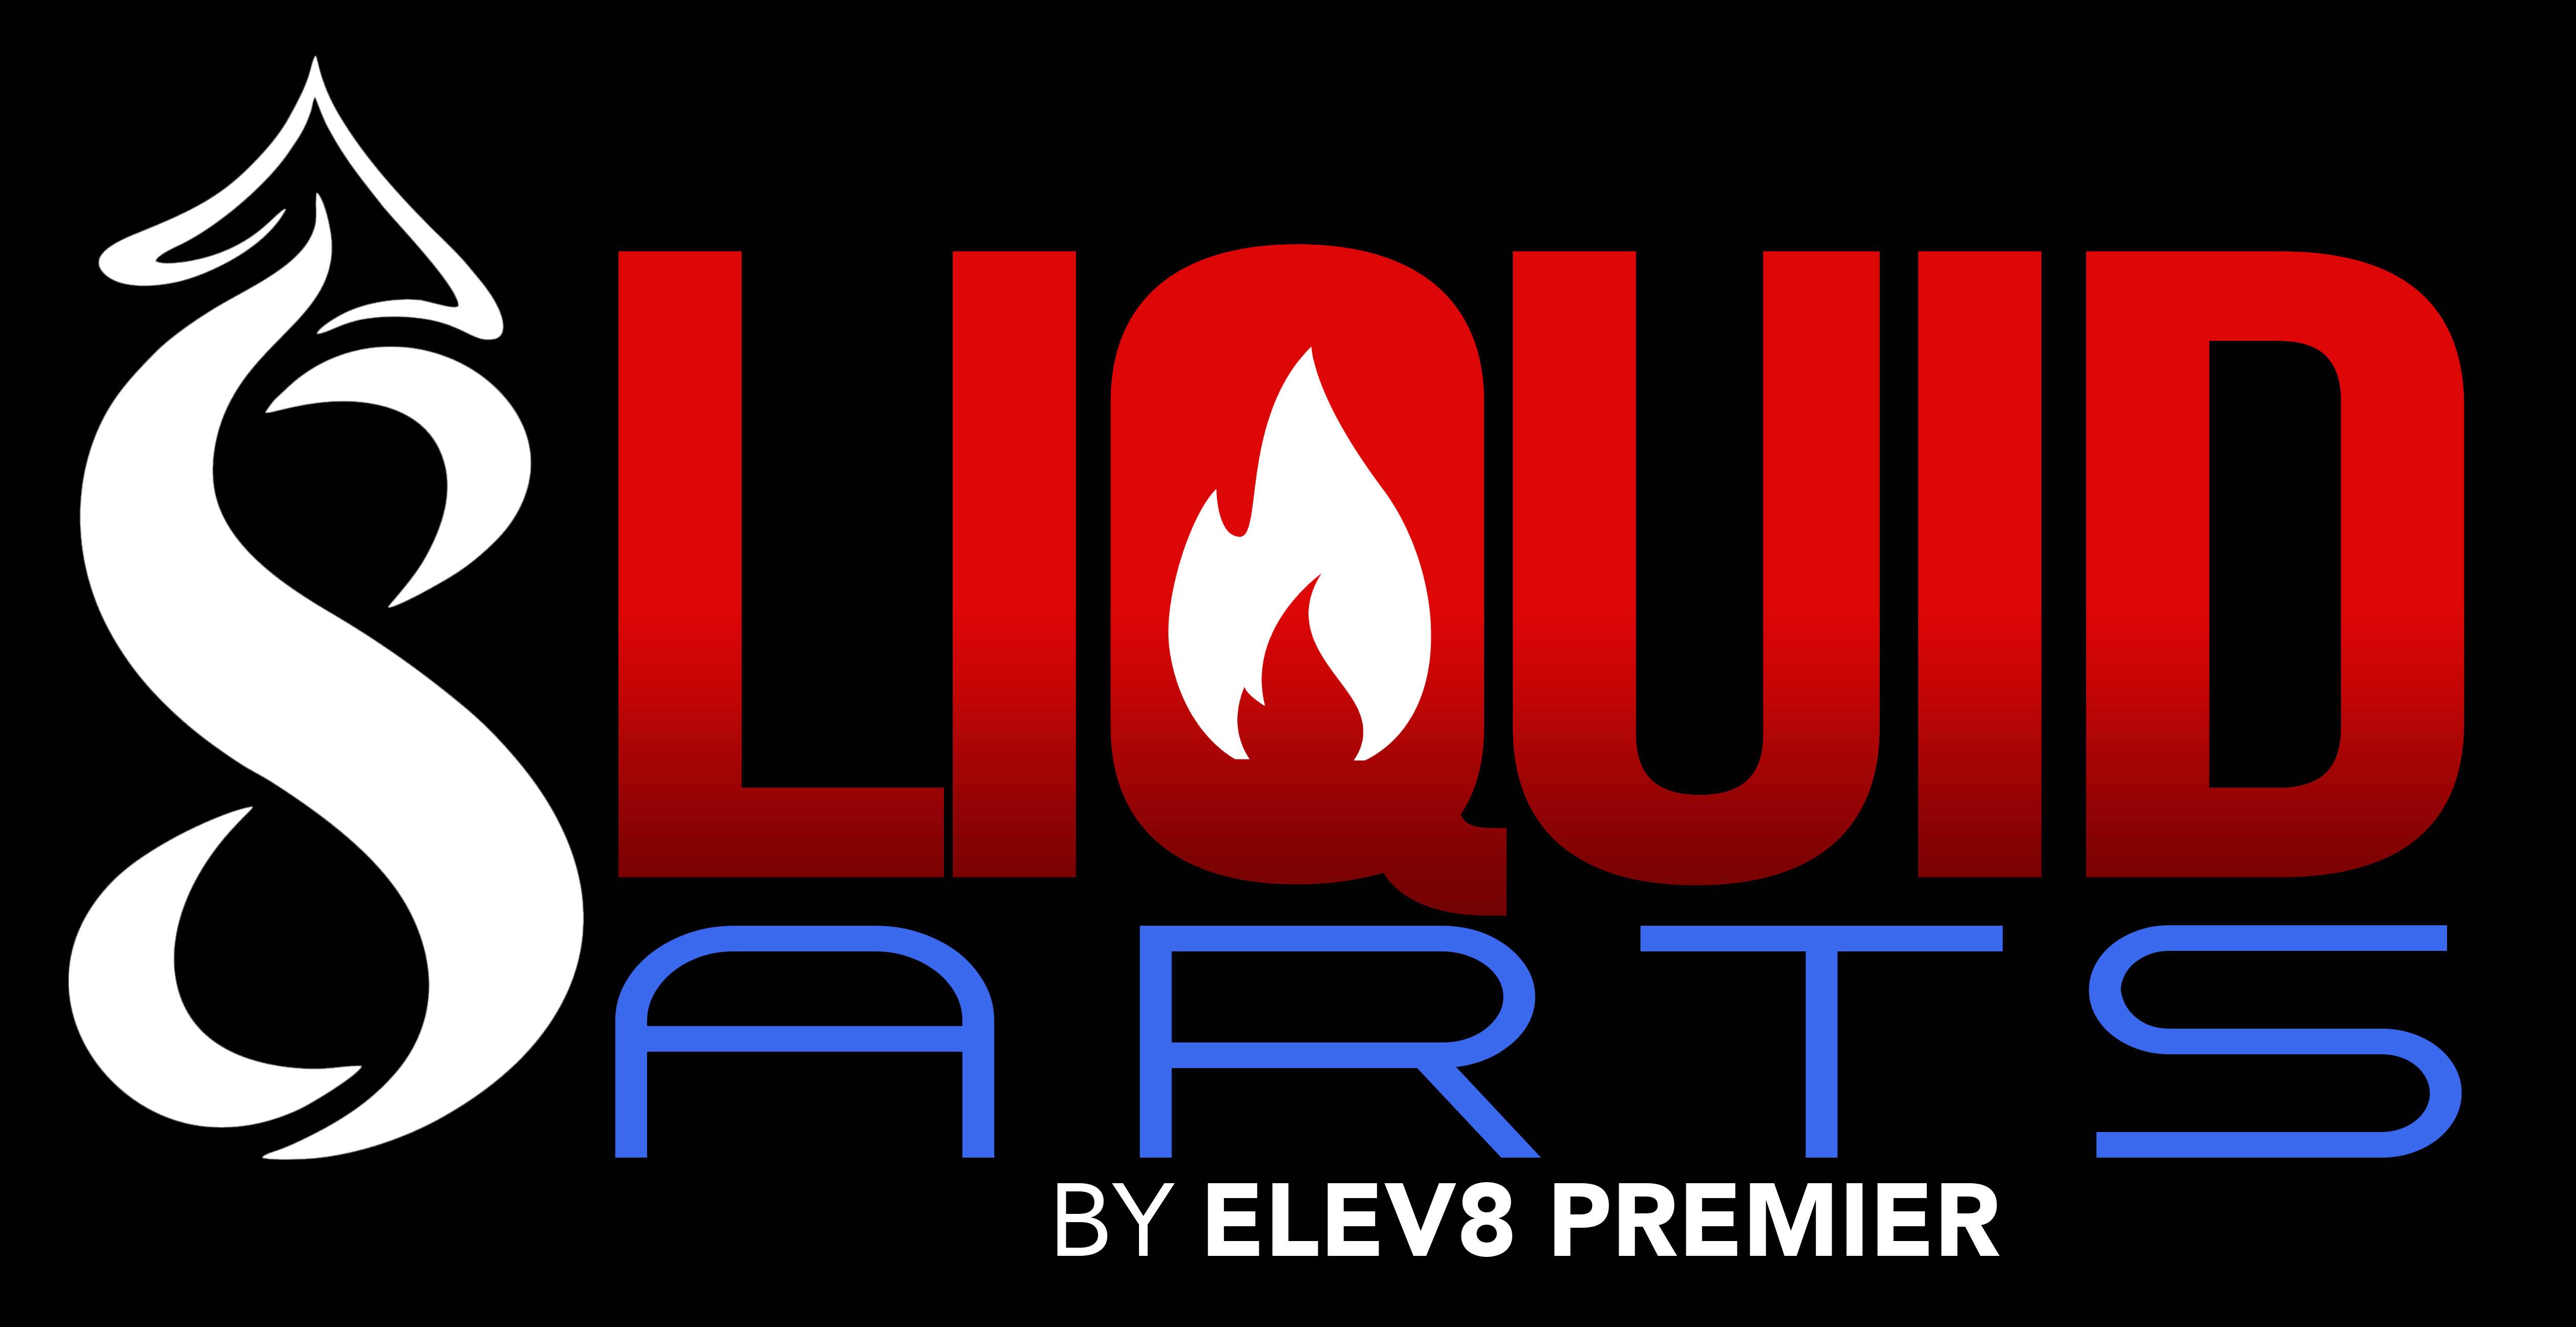 liquidarts-logo-concept3black.jpg